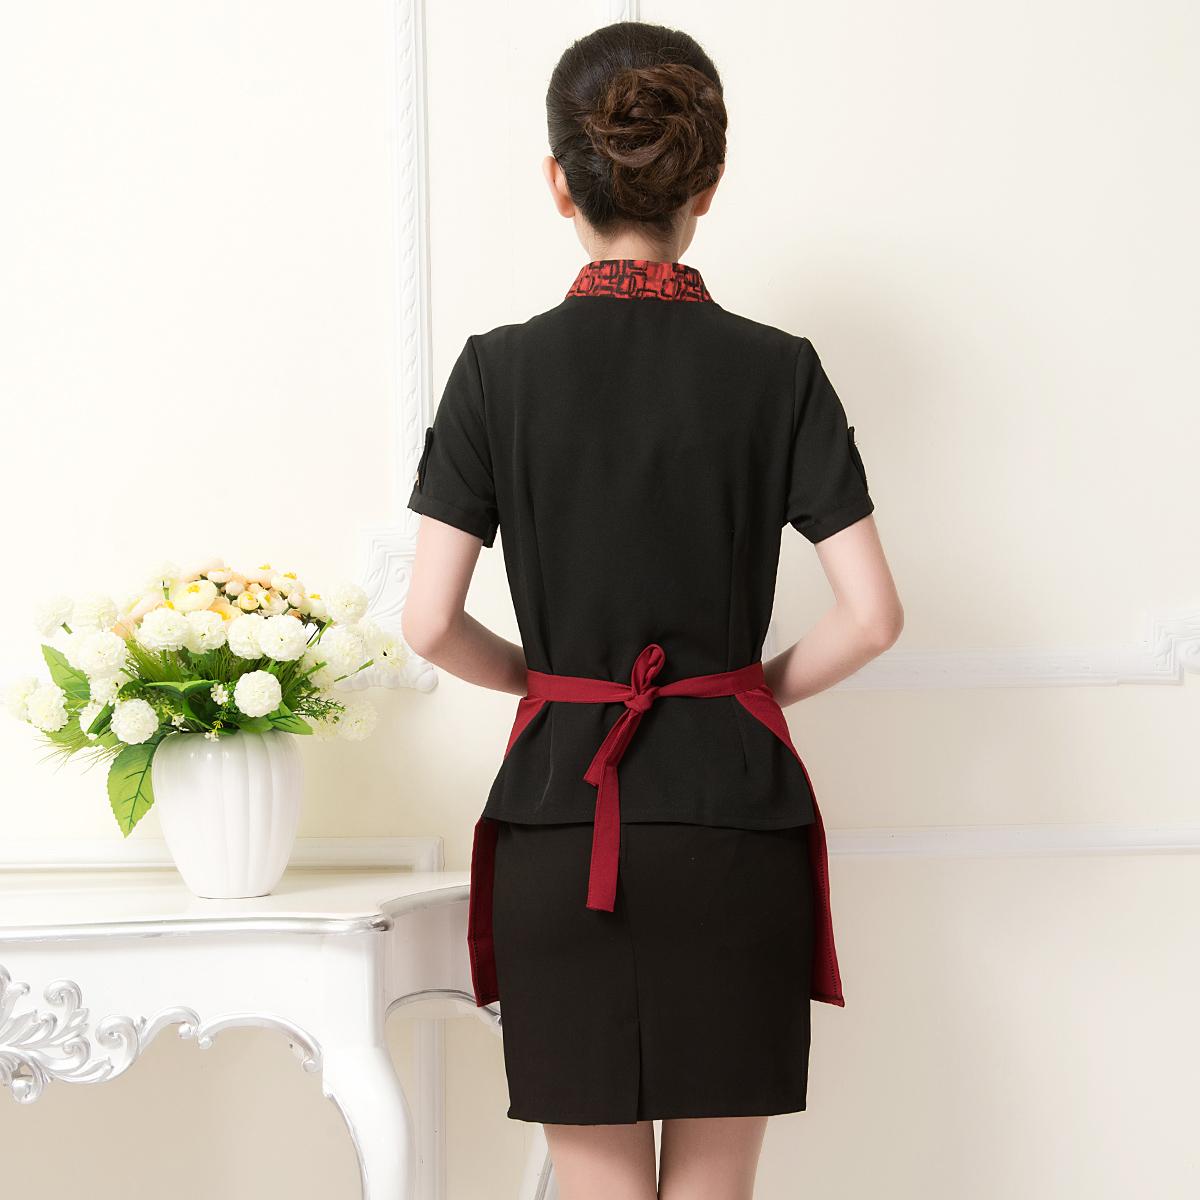 Nhân viên nhà hàng tự tin với phong cách chuyên nghiệp trong bộ đồng phục Mantis